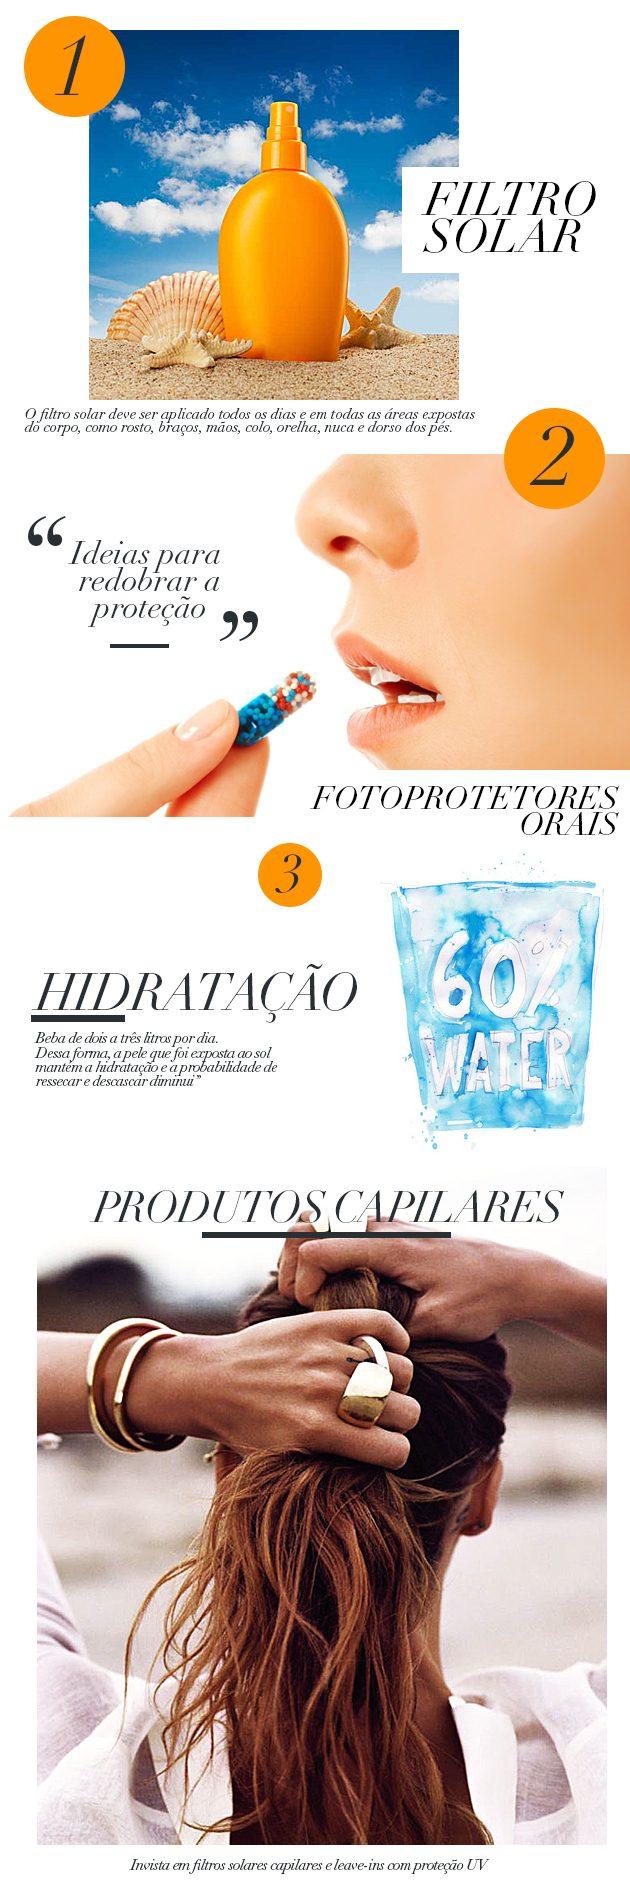 Cuidados-com-a-pele-no-verão-o-que-fazer-e-o-que-não-fazer-tudo-sobre-Blog-da-Lari-Vanessa-Metz-Dermatologia-dermato